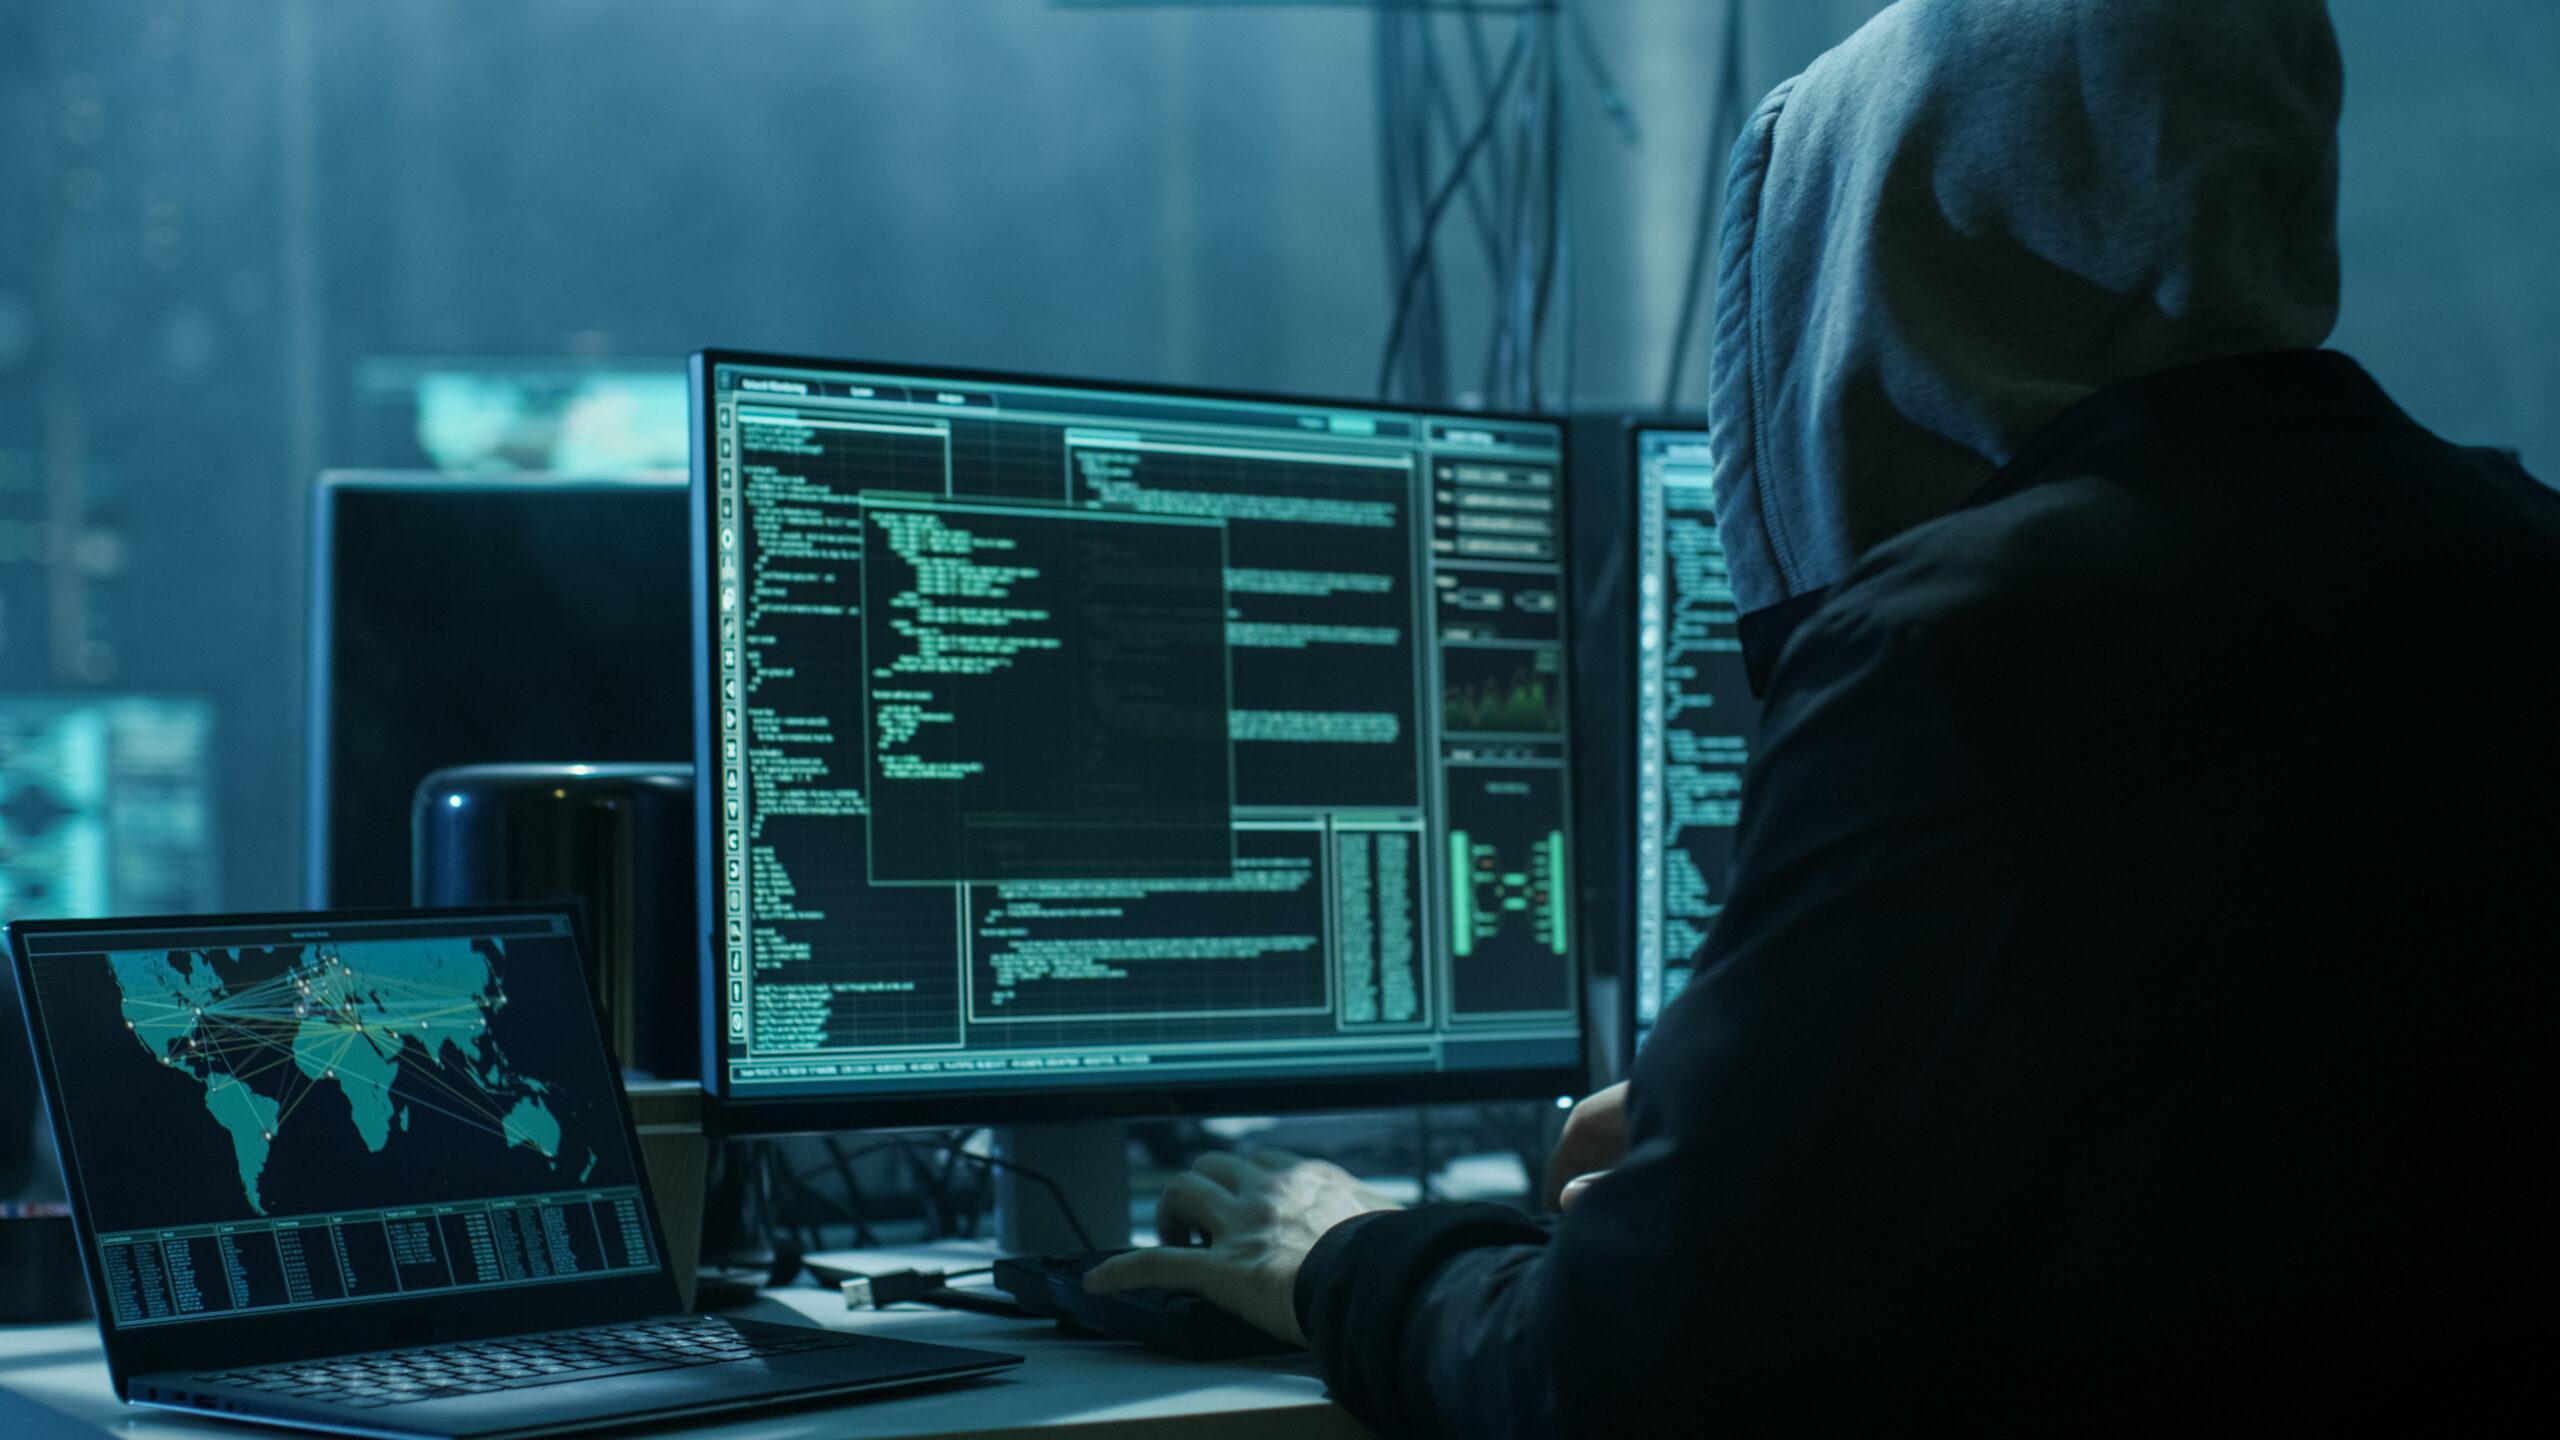 Hacker_DDoS